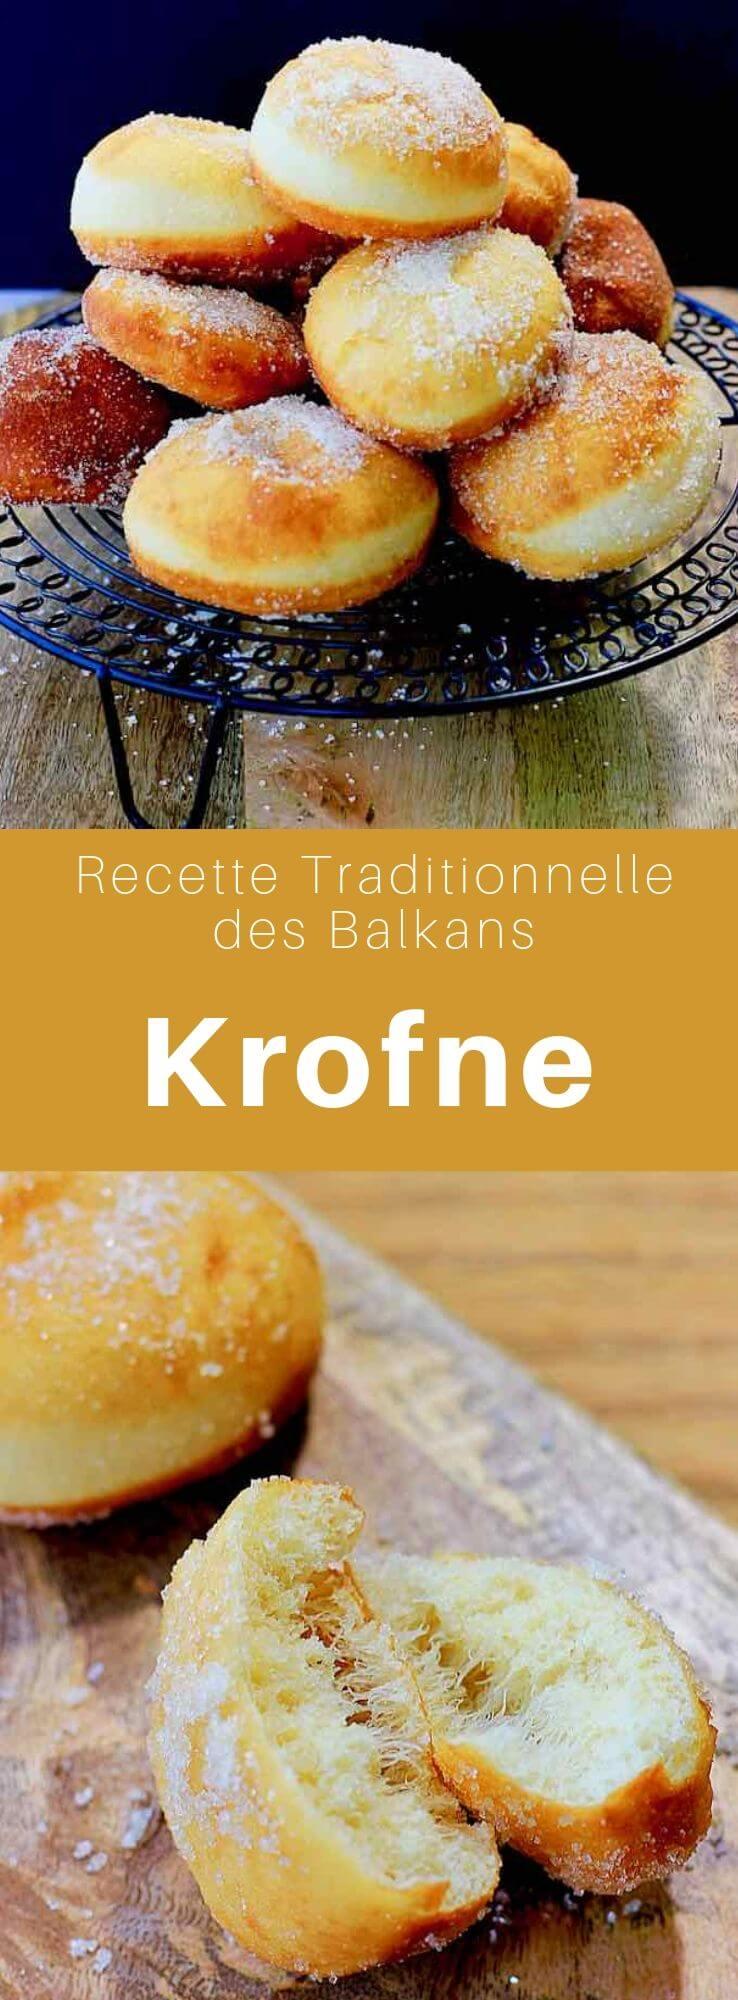 Le krofne (krafne ou krafna) est un beignet croate et serbe servit surtout avant le début du Grand Carême et pendant le carnaval. #RecetteSerbe #CuisineDesBalkans #CuisineSerbe #CuisineDuMonde # 196flavors